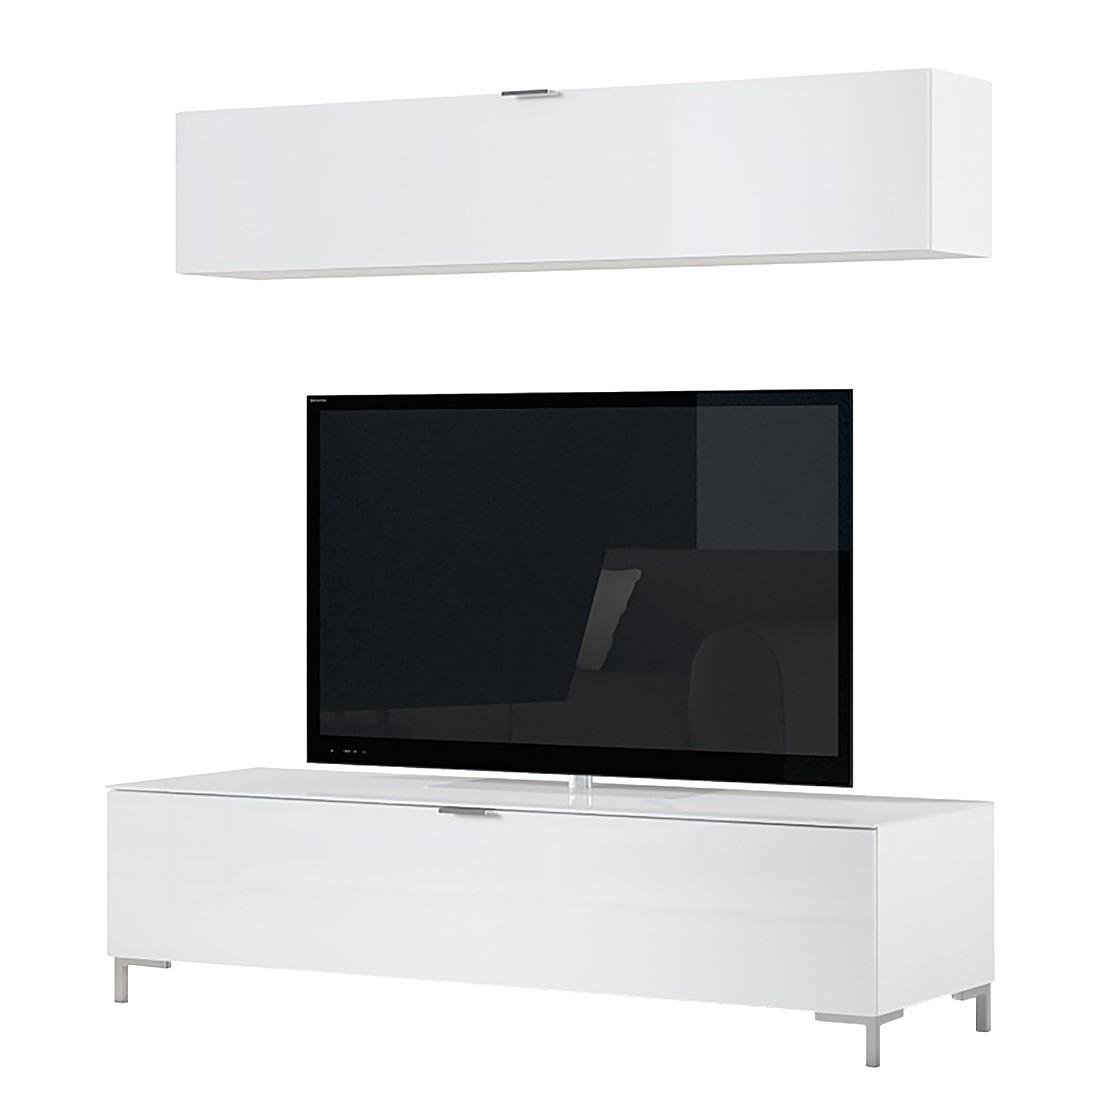 Ensemble de meubles TV Cleo I (2 éléments) - Blanc Pieds chromés, Cs Schmal